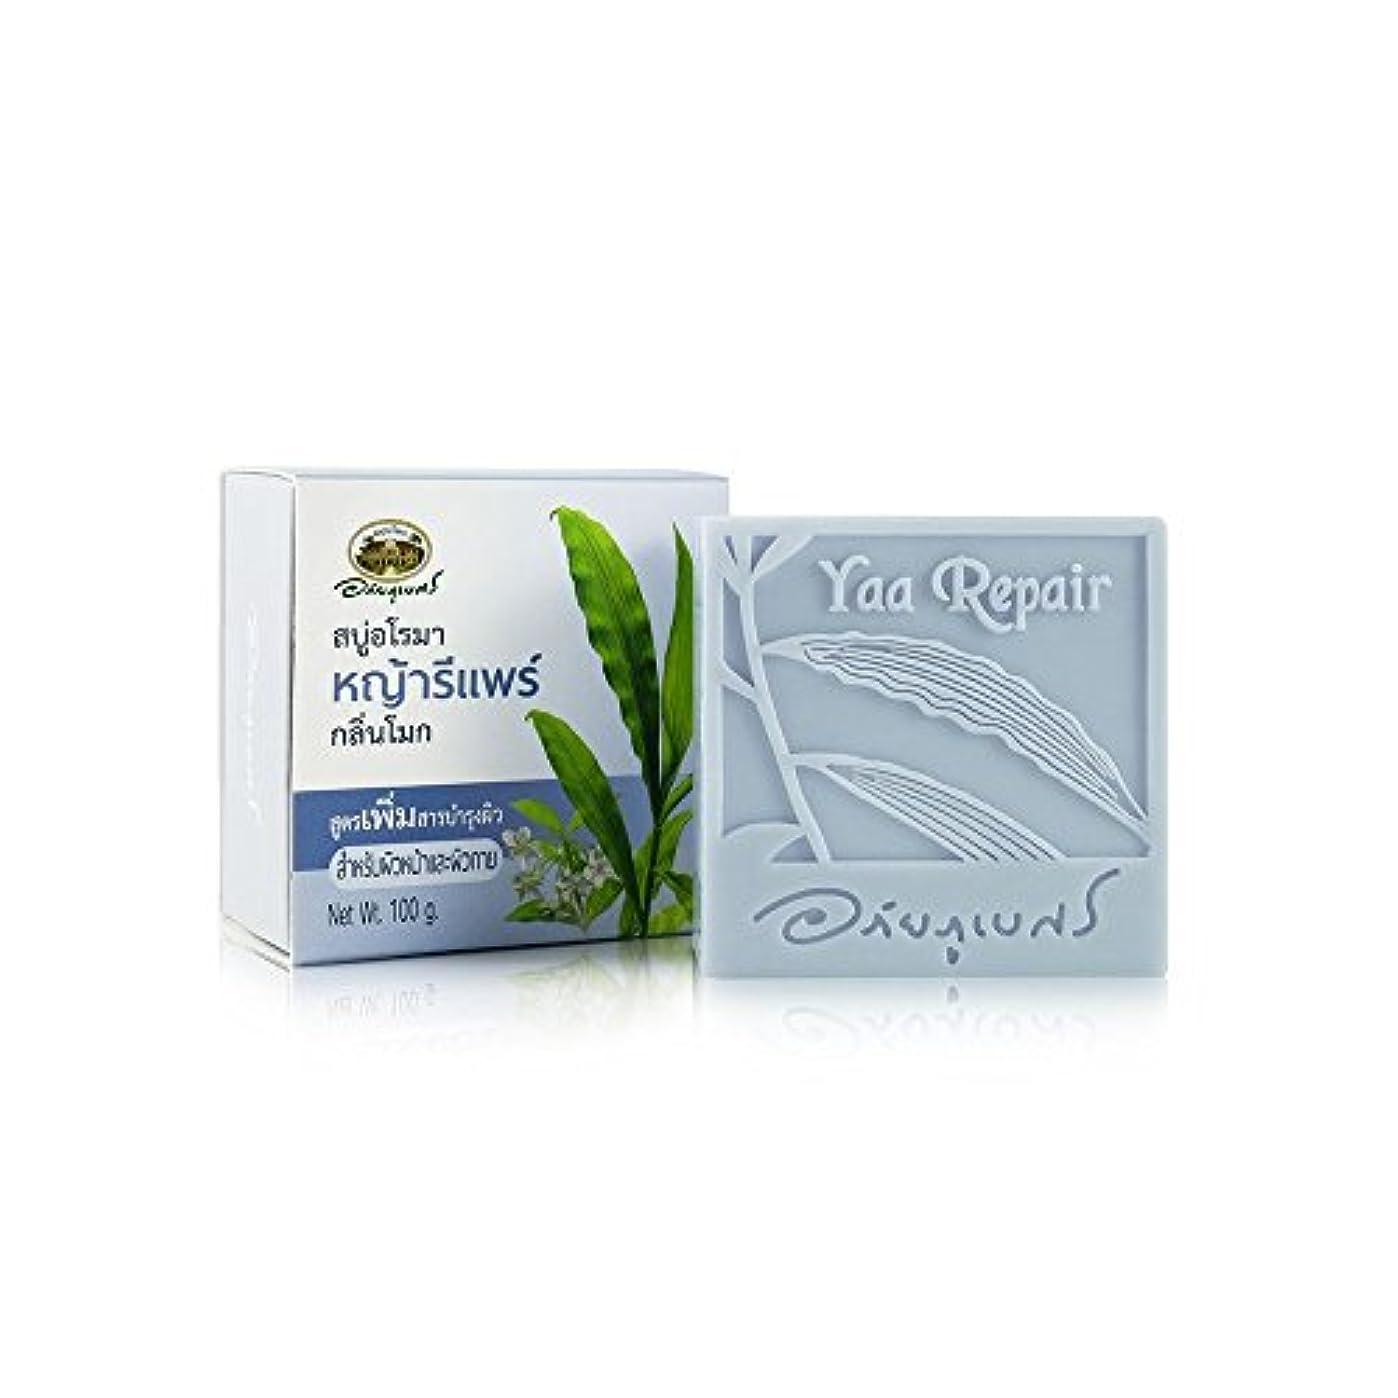 守る地図退屈なAbhaibhubejhr Thai Aromatherapy With Moke Flower Skin Care Formula Herbal Body Face Cleaning Soap 100g. Abhaibhubejhr...